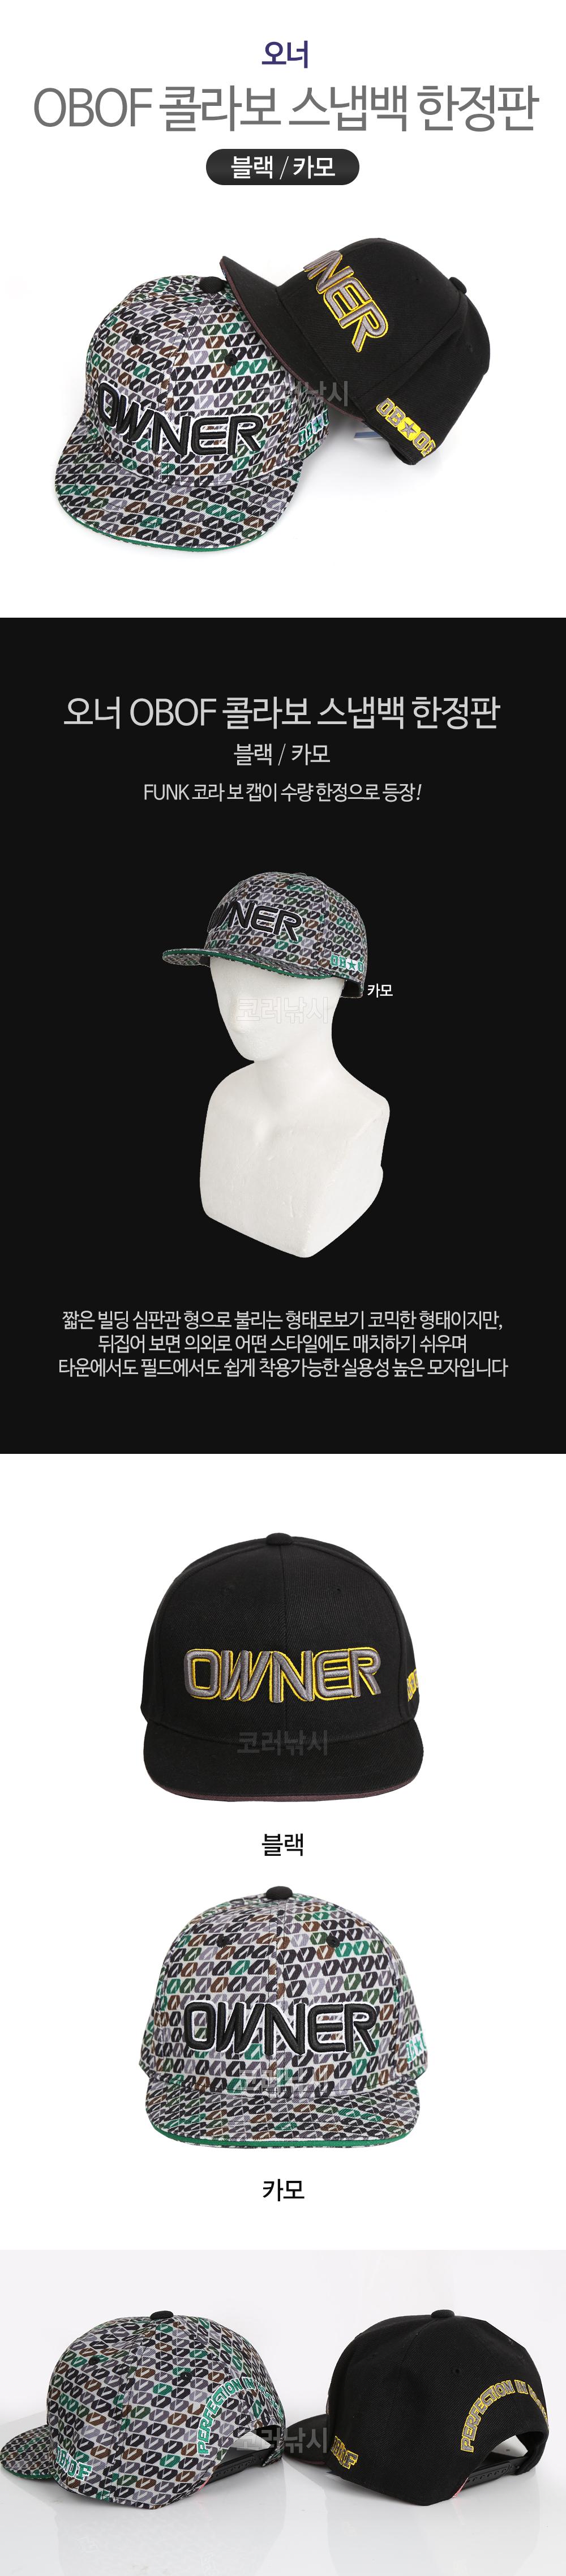 오너 OBOF 콜라보 스냅백 한정판 피싱캡 모자 낚시모자 창모자 의류 낚시의류